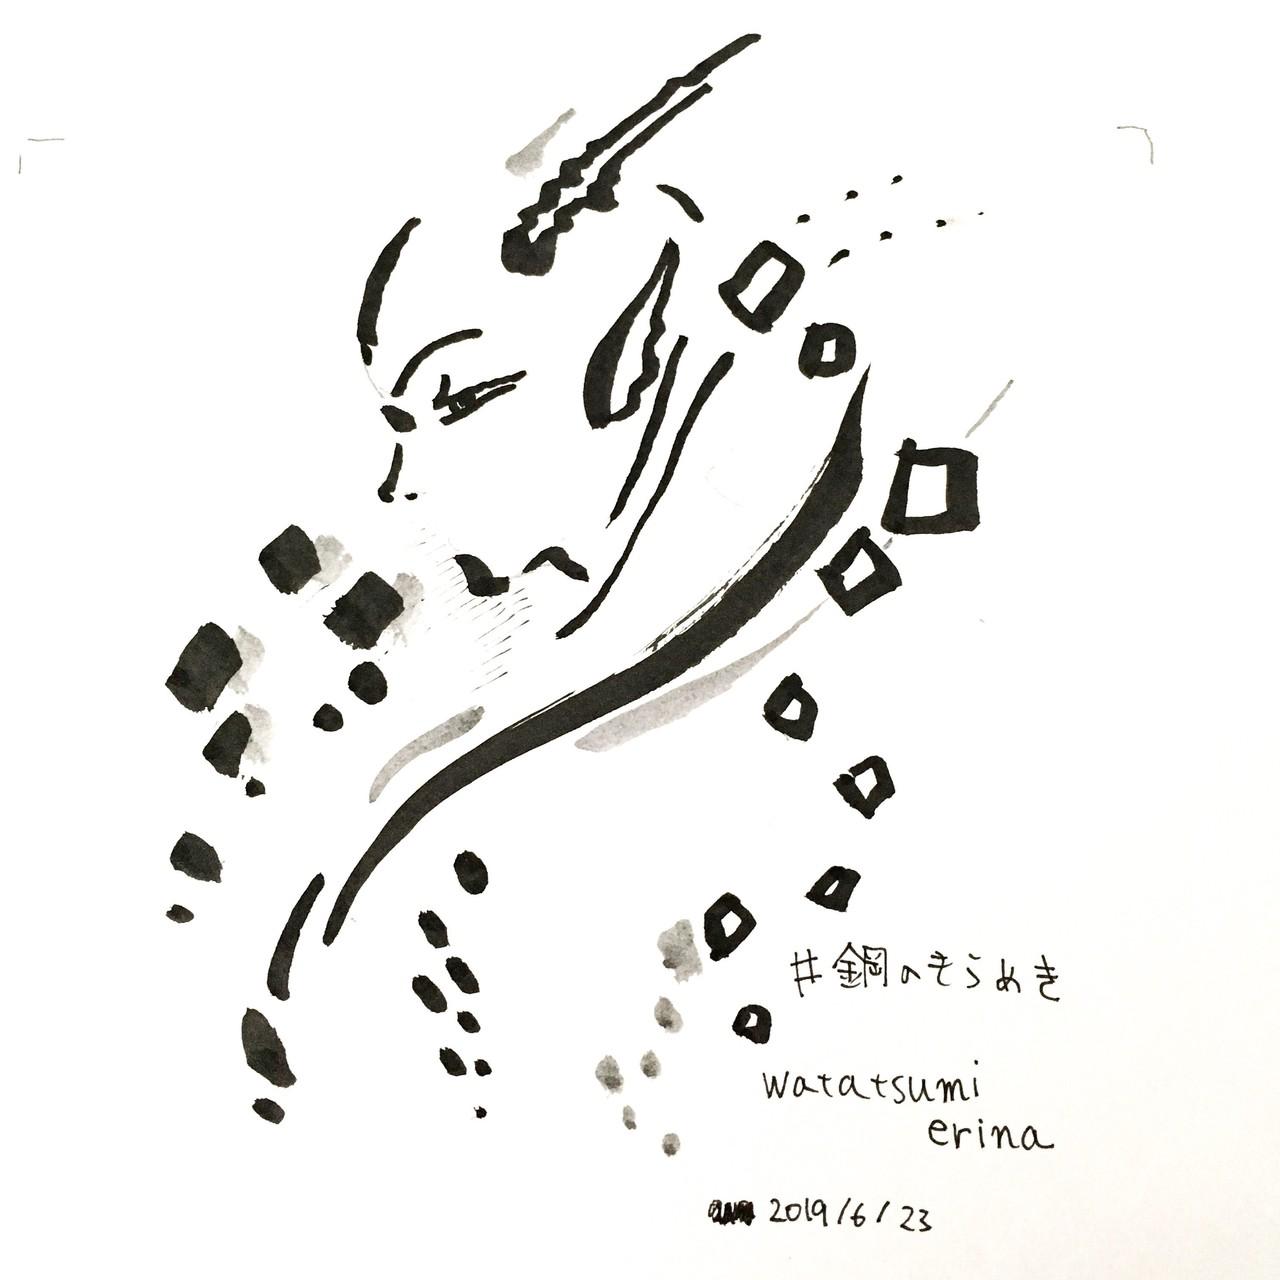 今日のドローイング。刀剣乱舞の近侍曲集を聴きながら、日本刀を見ている時のあのキラキラした金属の輝きに吸い込まれるような気持ちを思い出しながら描きました。好きすぎるものは描くのが難しい。